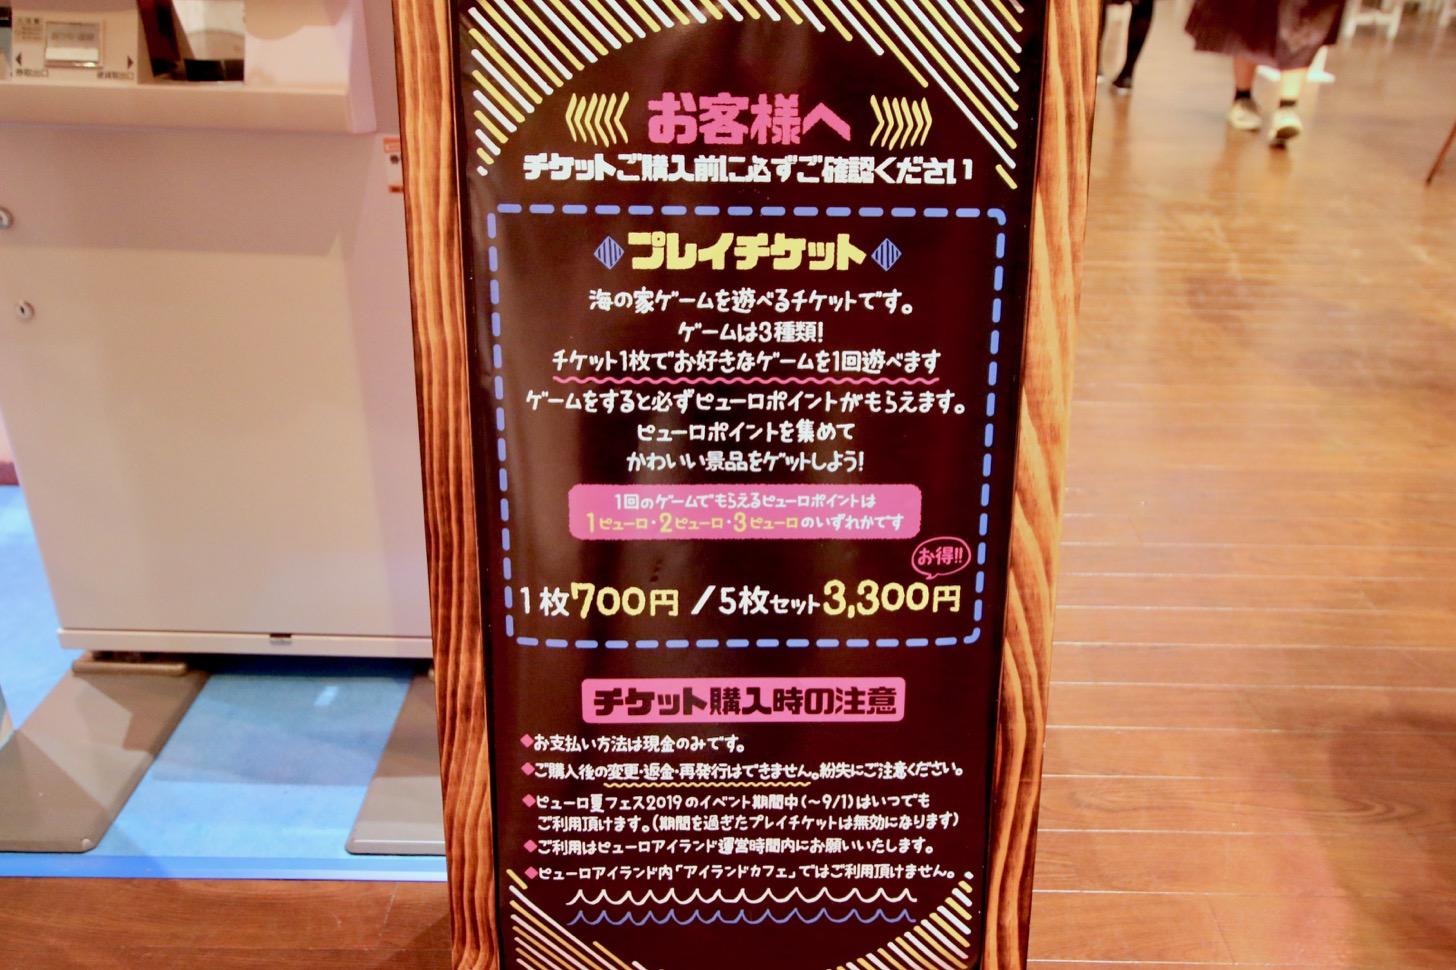 プレイチケットは1枚700円(5枚セットで3,300円)